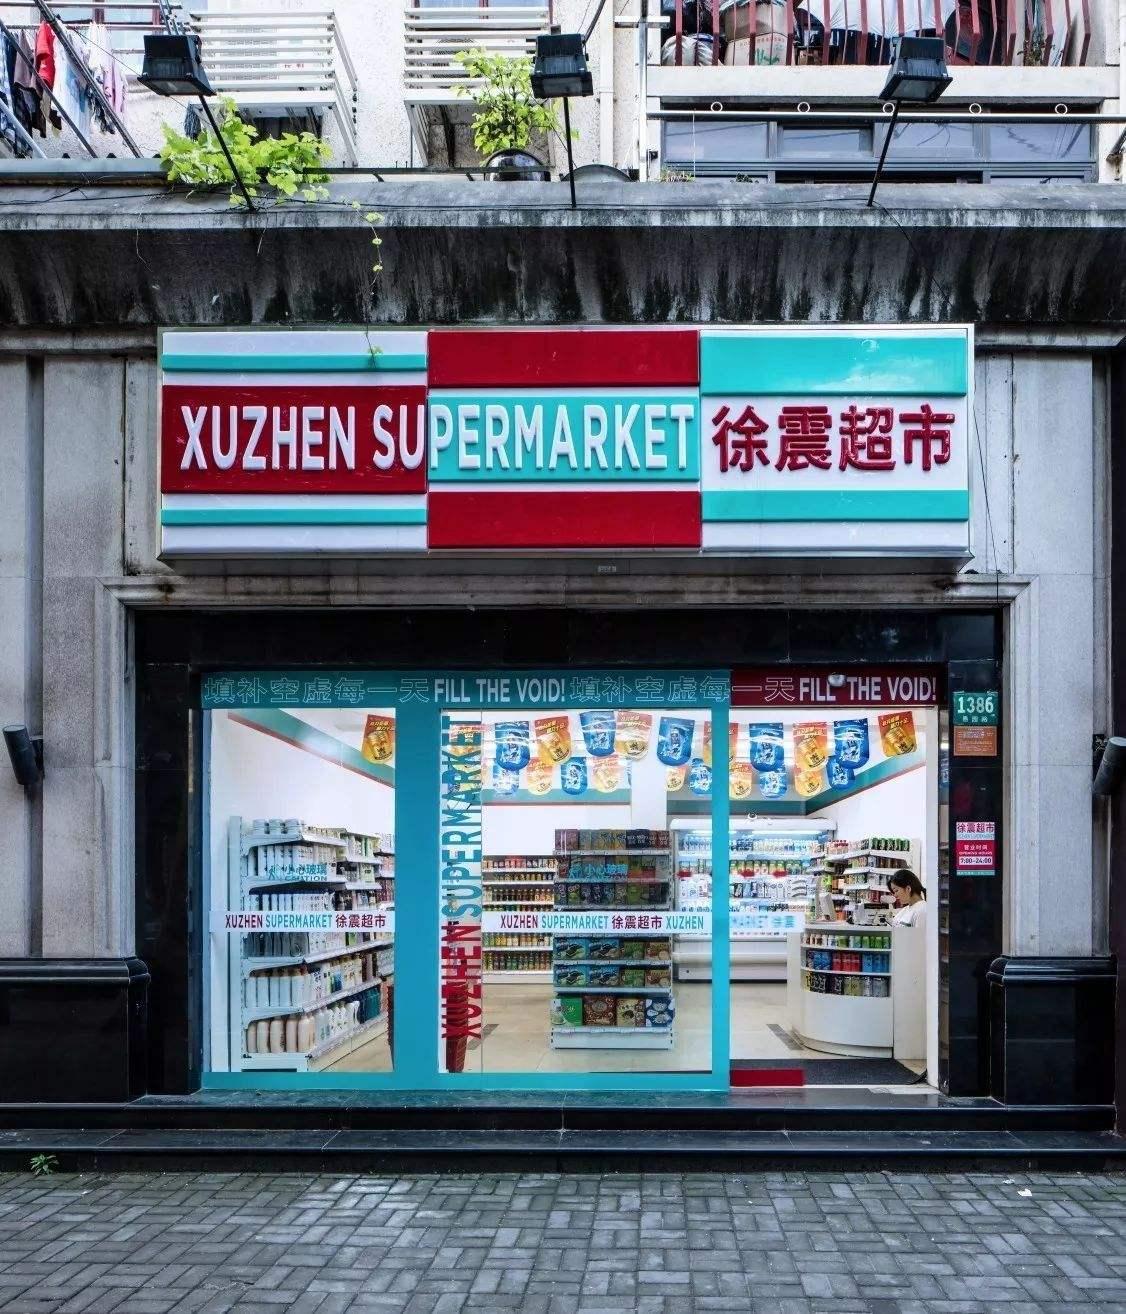 徐震超市?